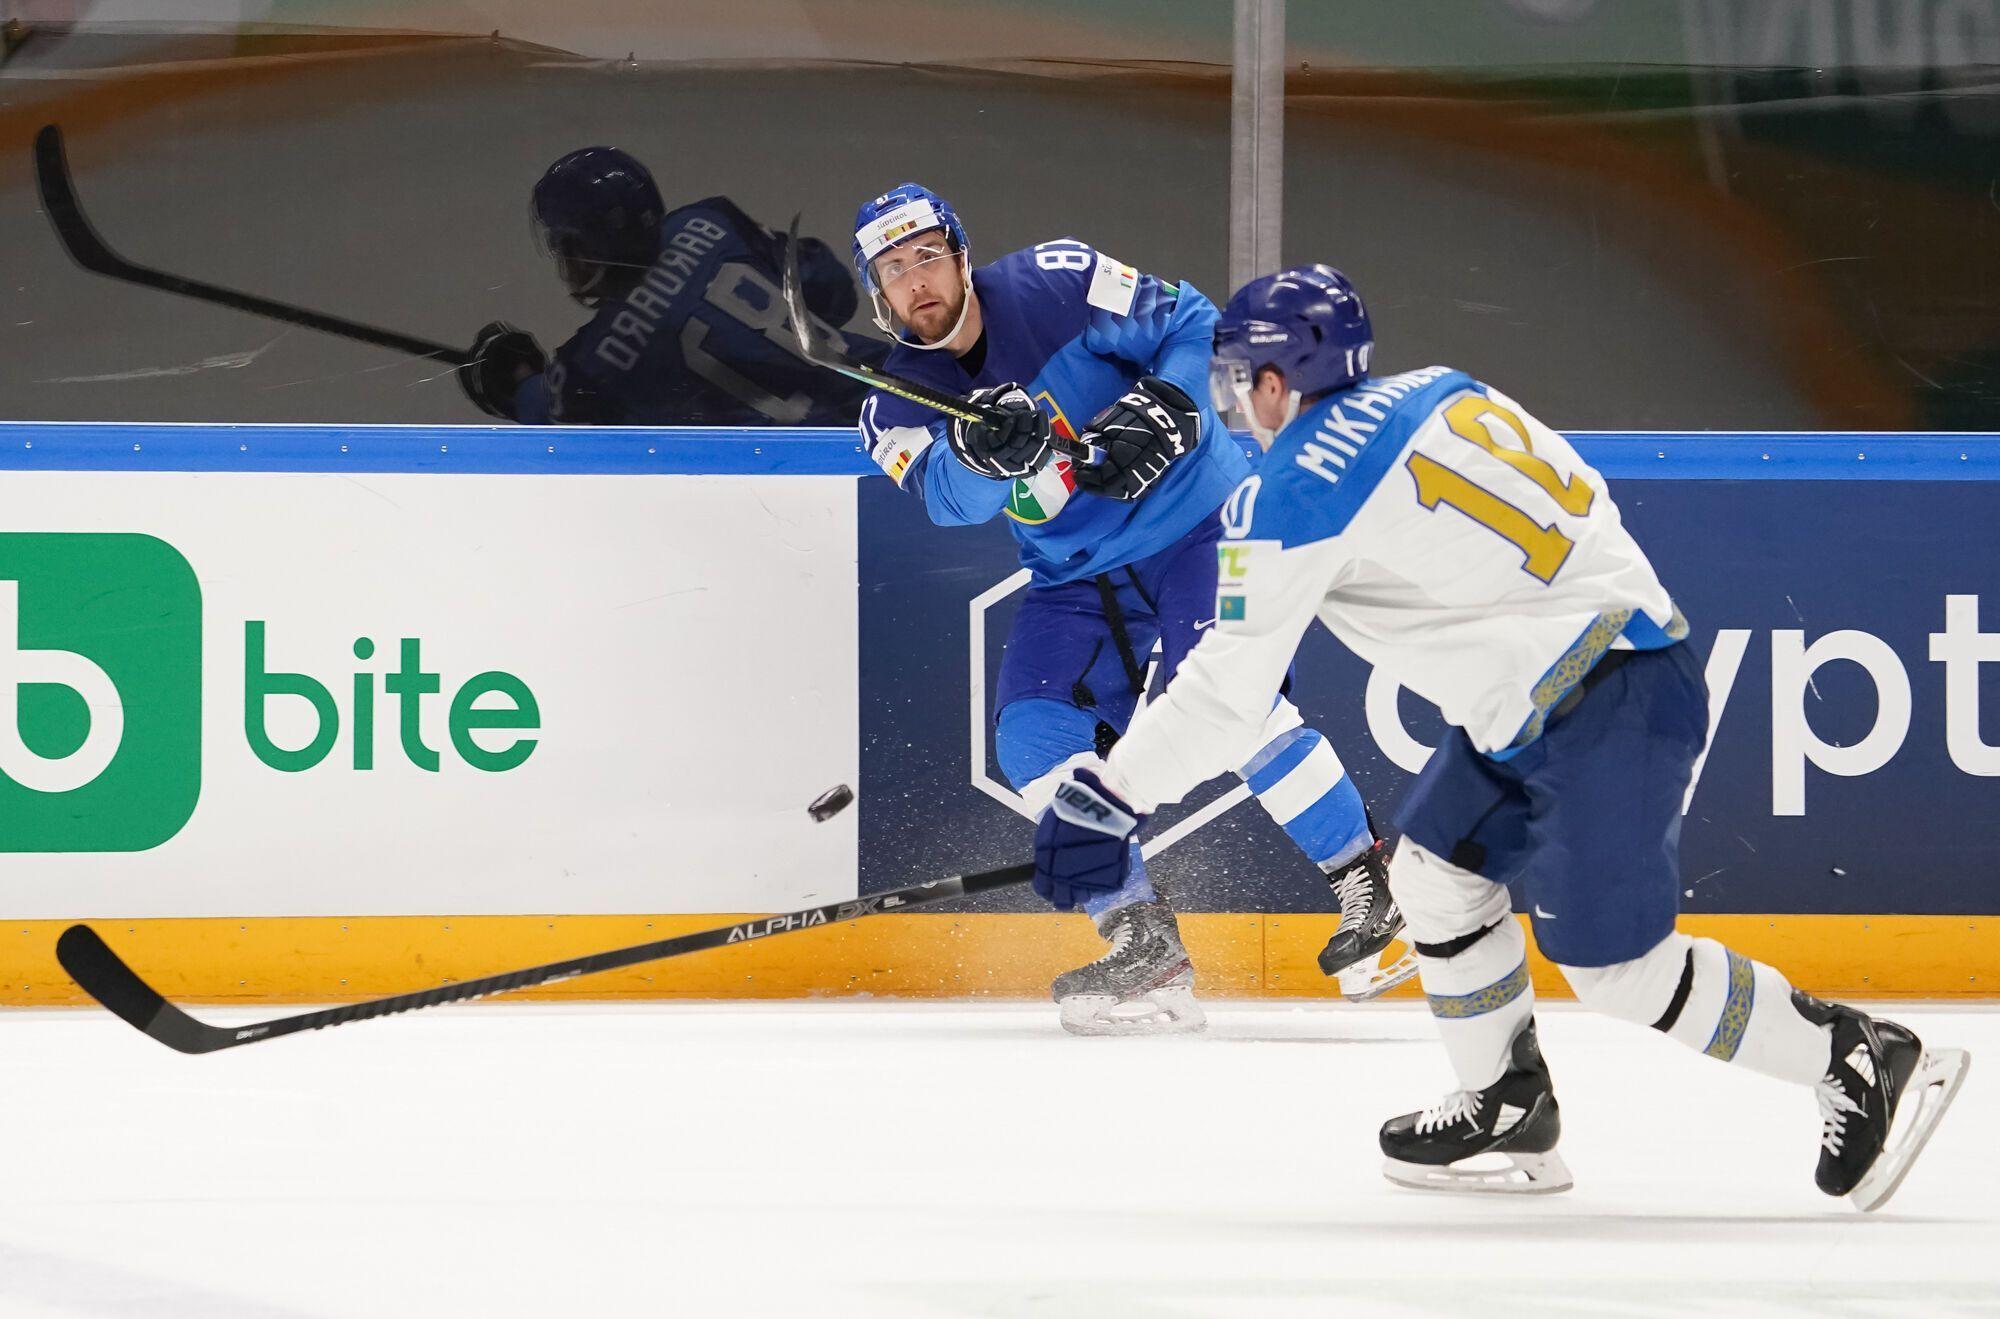 Италия и Казахстан выдали самый результативный матч турнира.